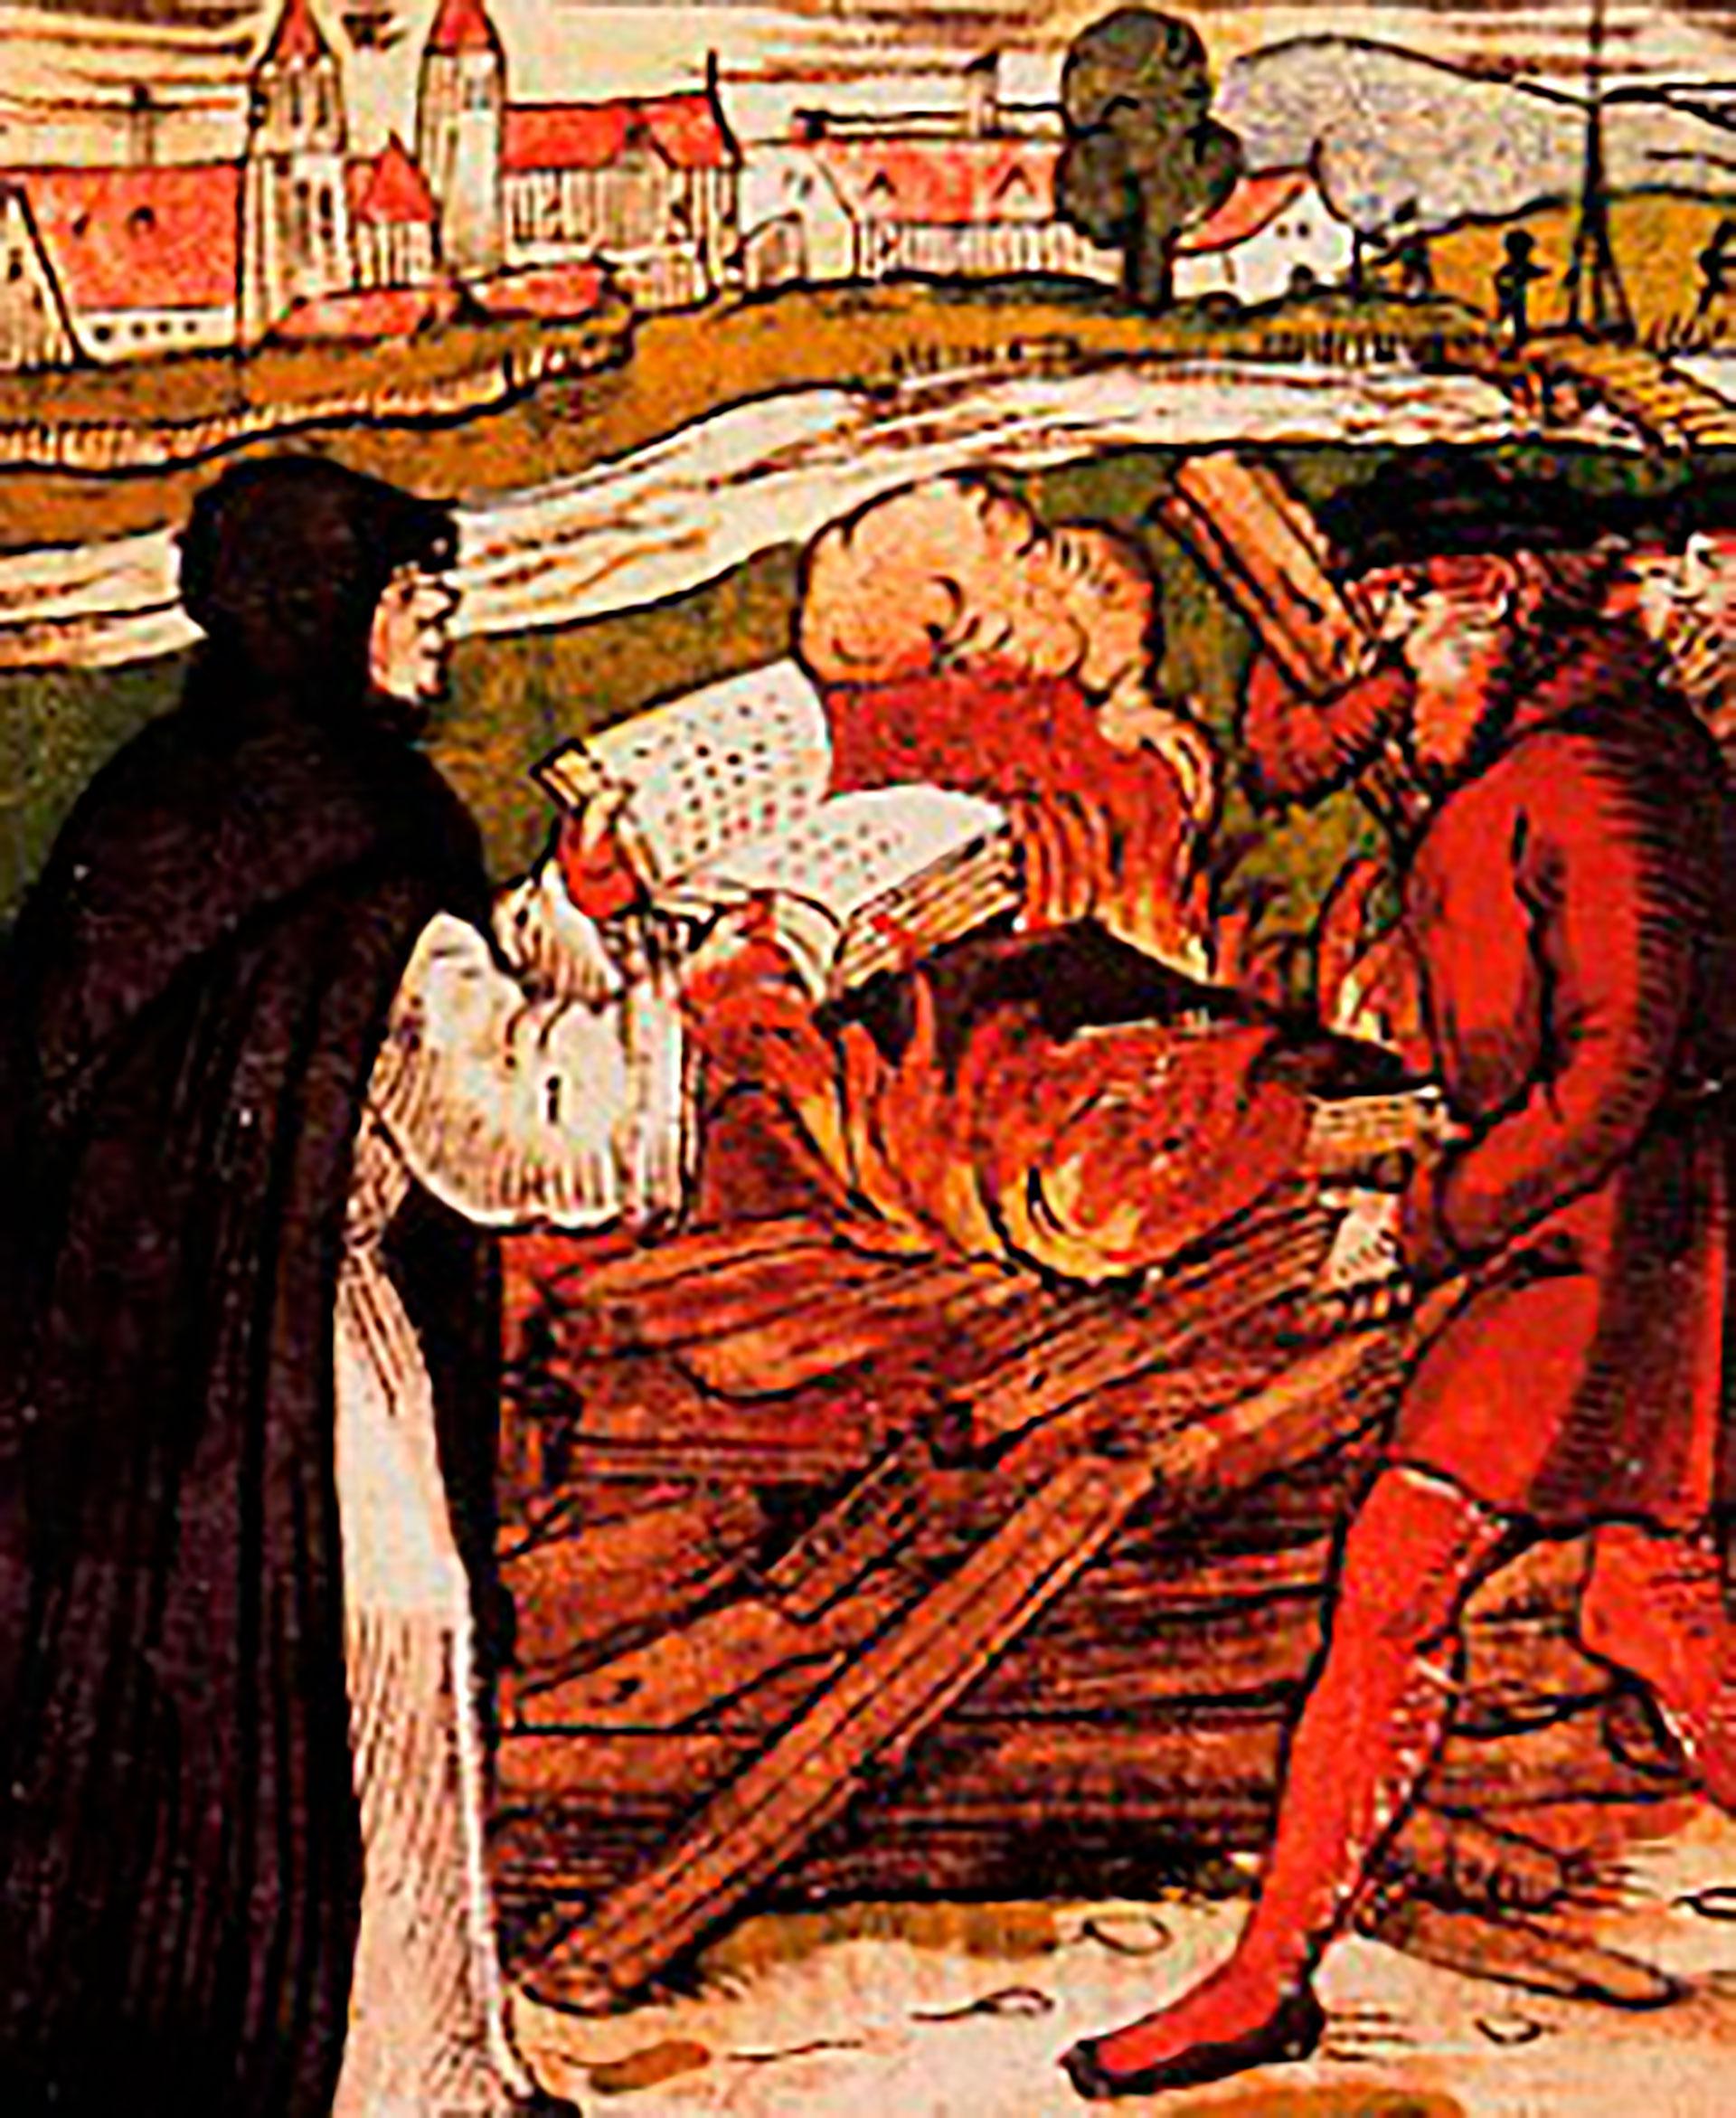 Lutero quema la bula por la cual el Papa lo conmina a retractarse bajo pena de excomunión